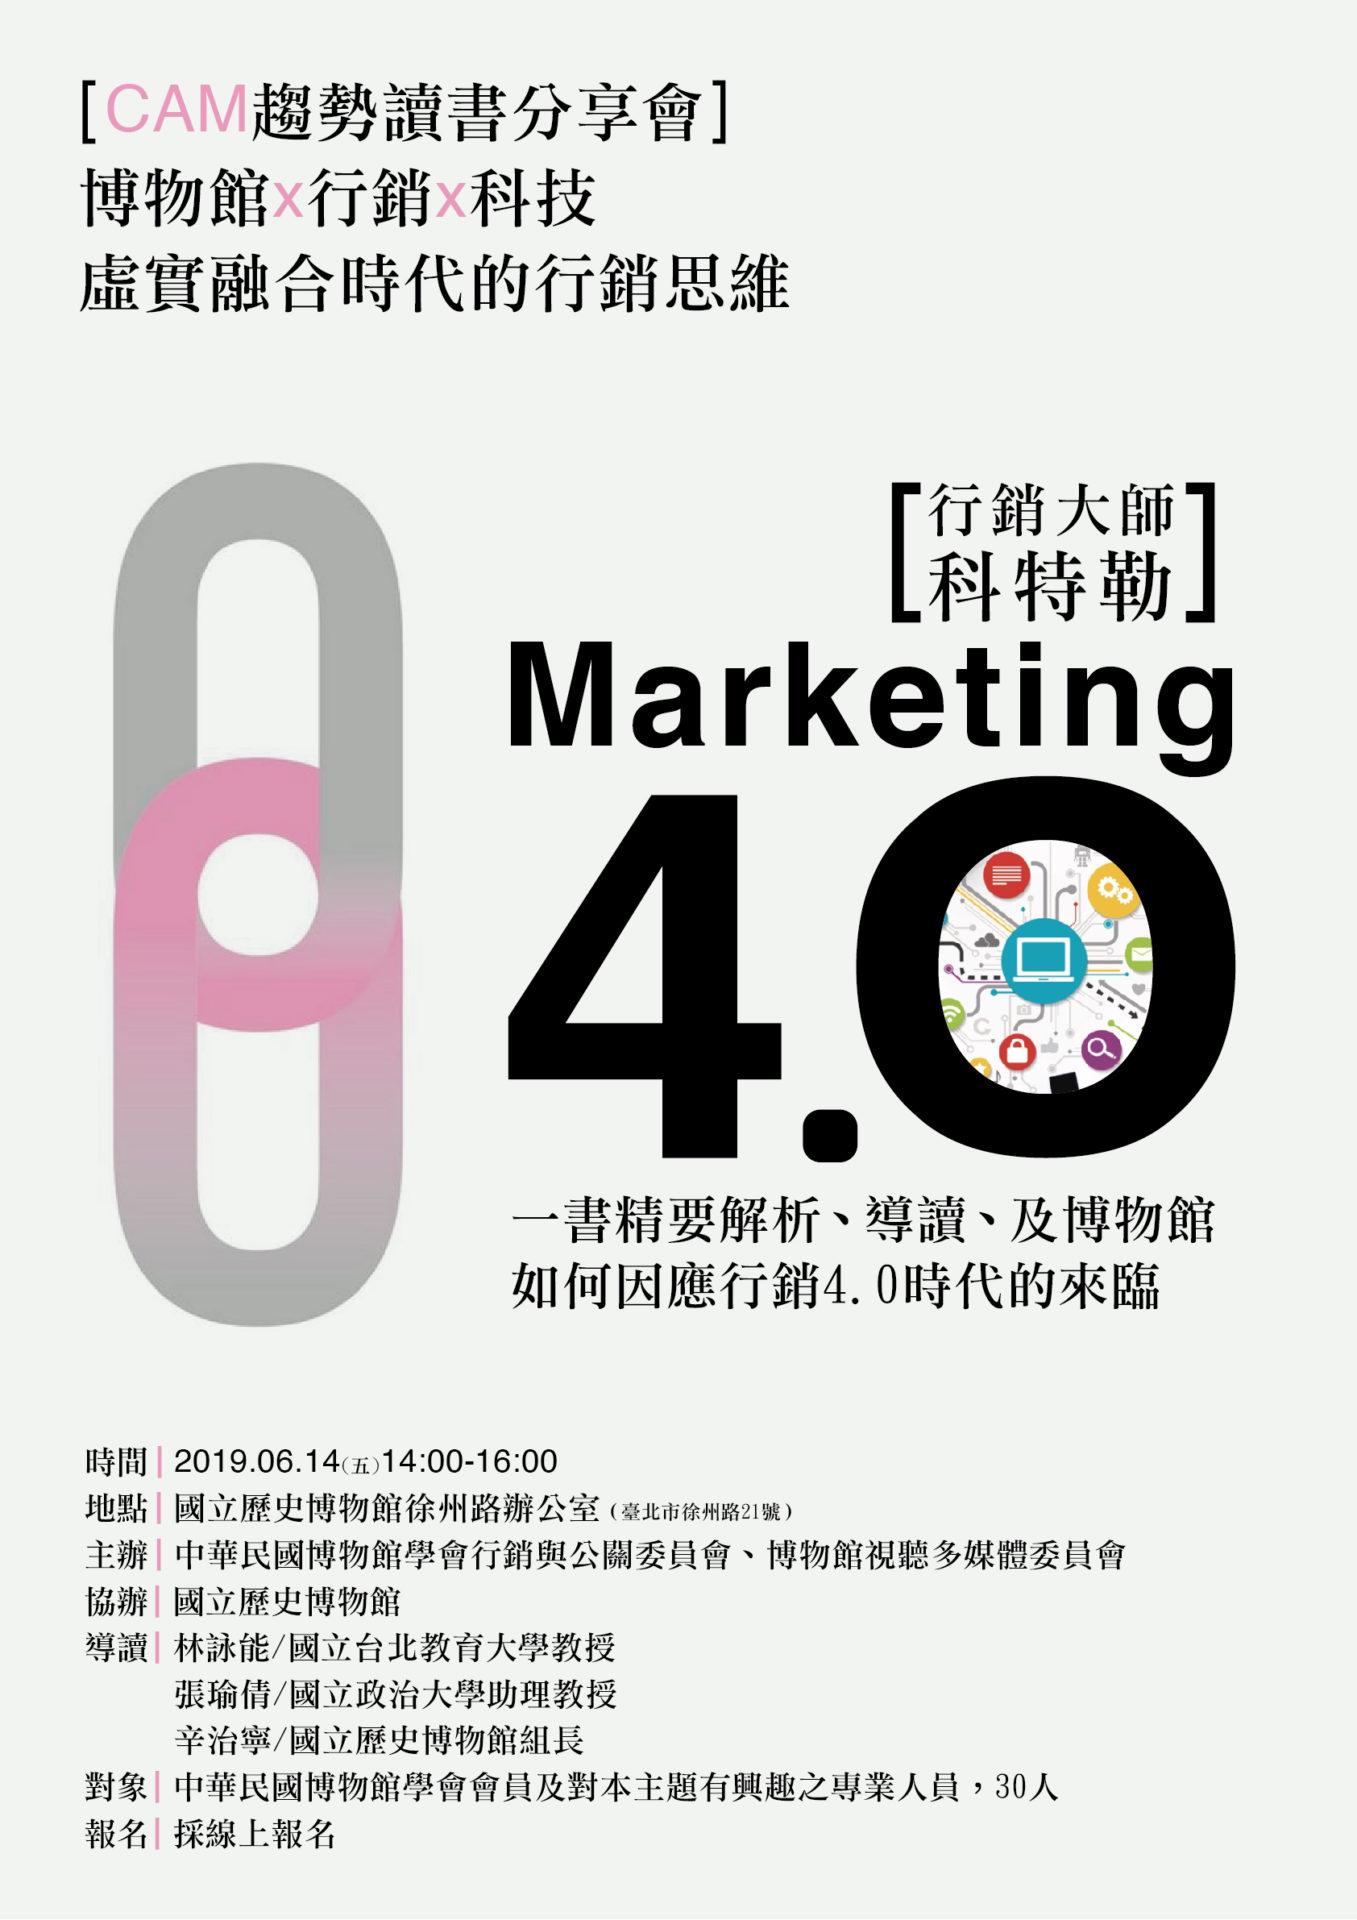 中華民國博物館學會:2019/06/14【「CAM趨勢讀書分享會」博物館x行銷x科技-虛實融合時代的行銷思維】